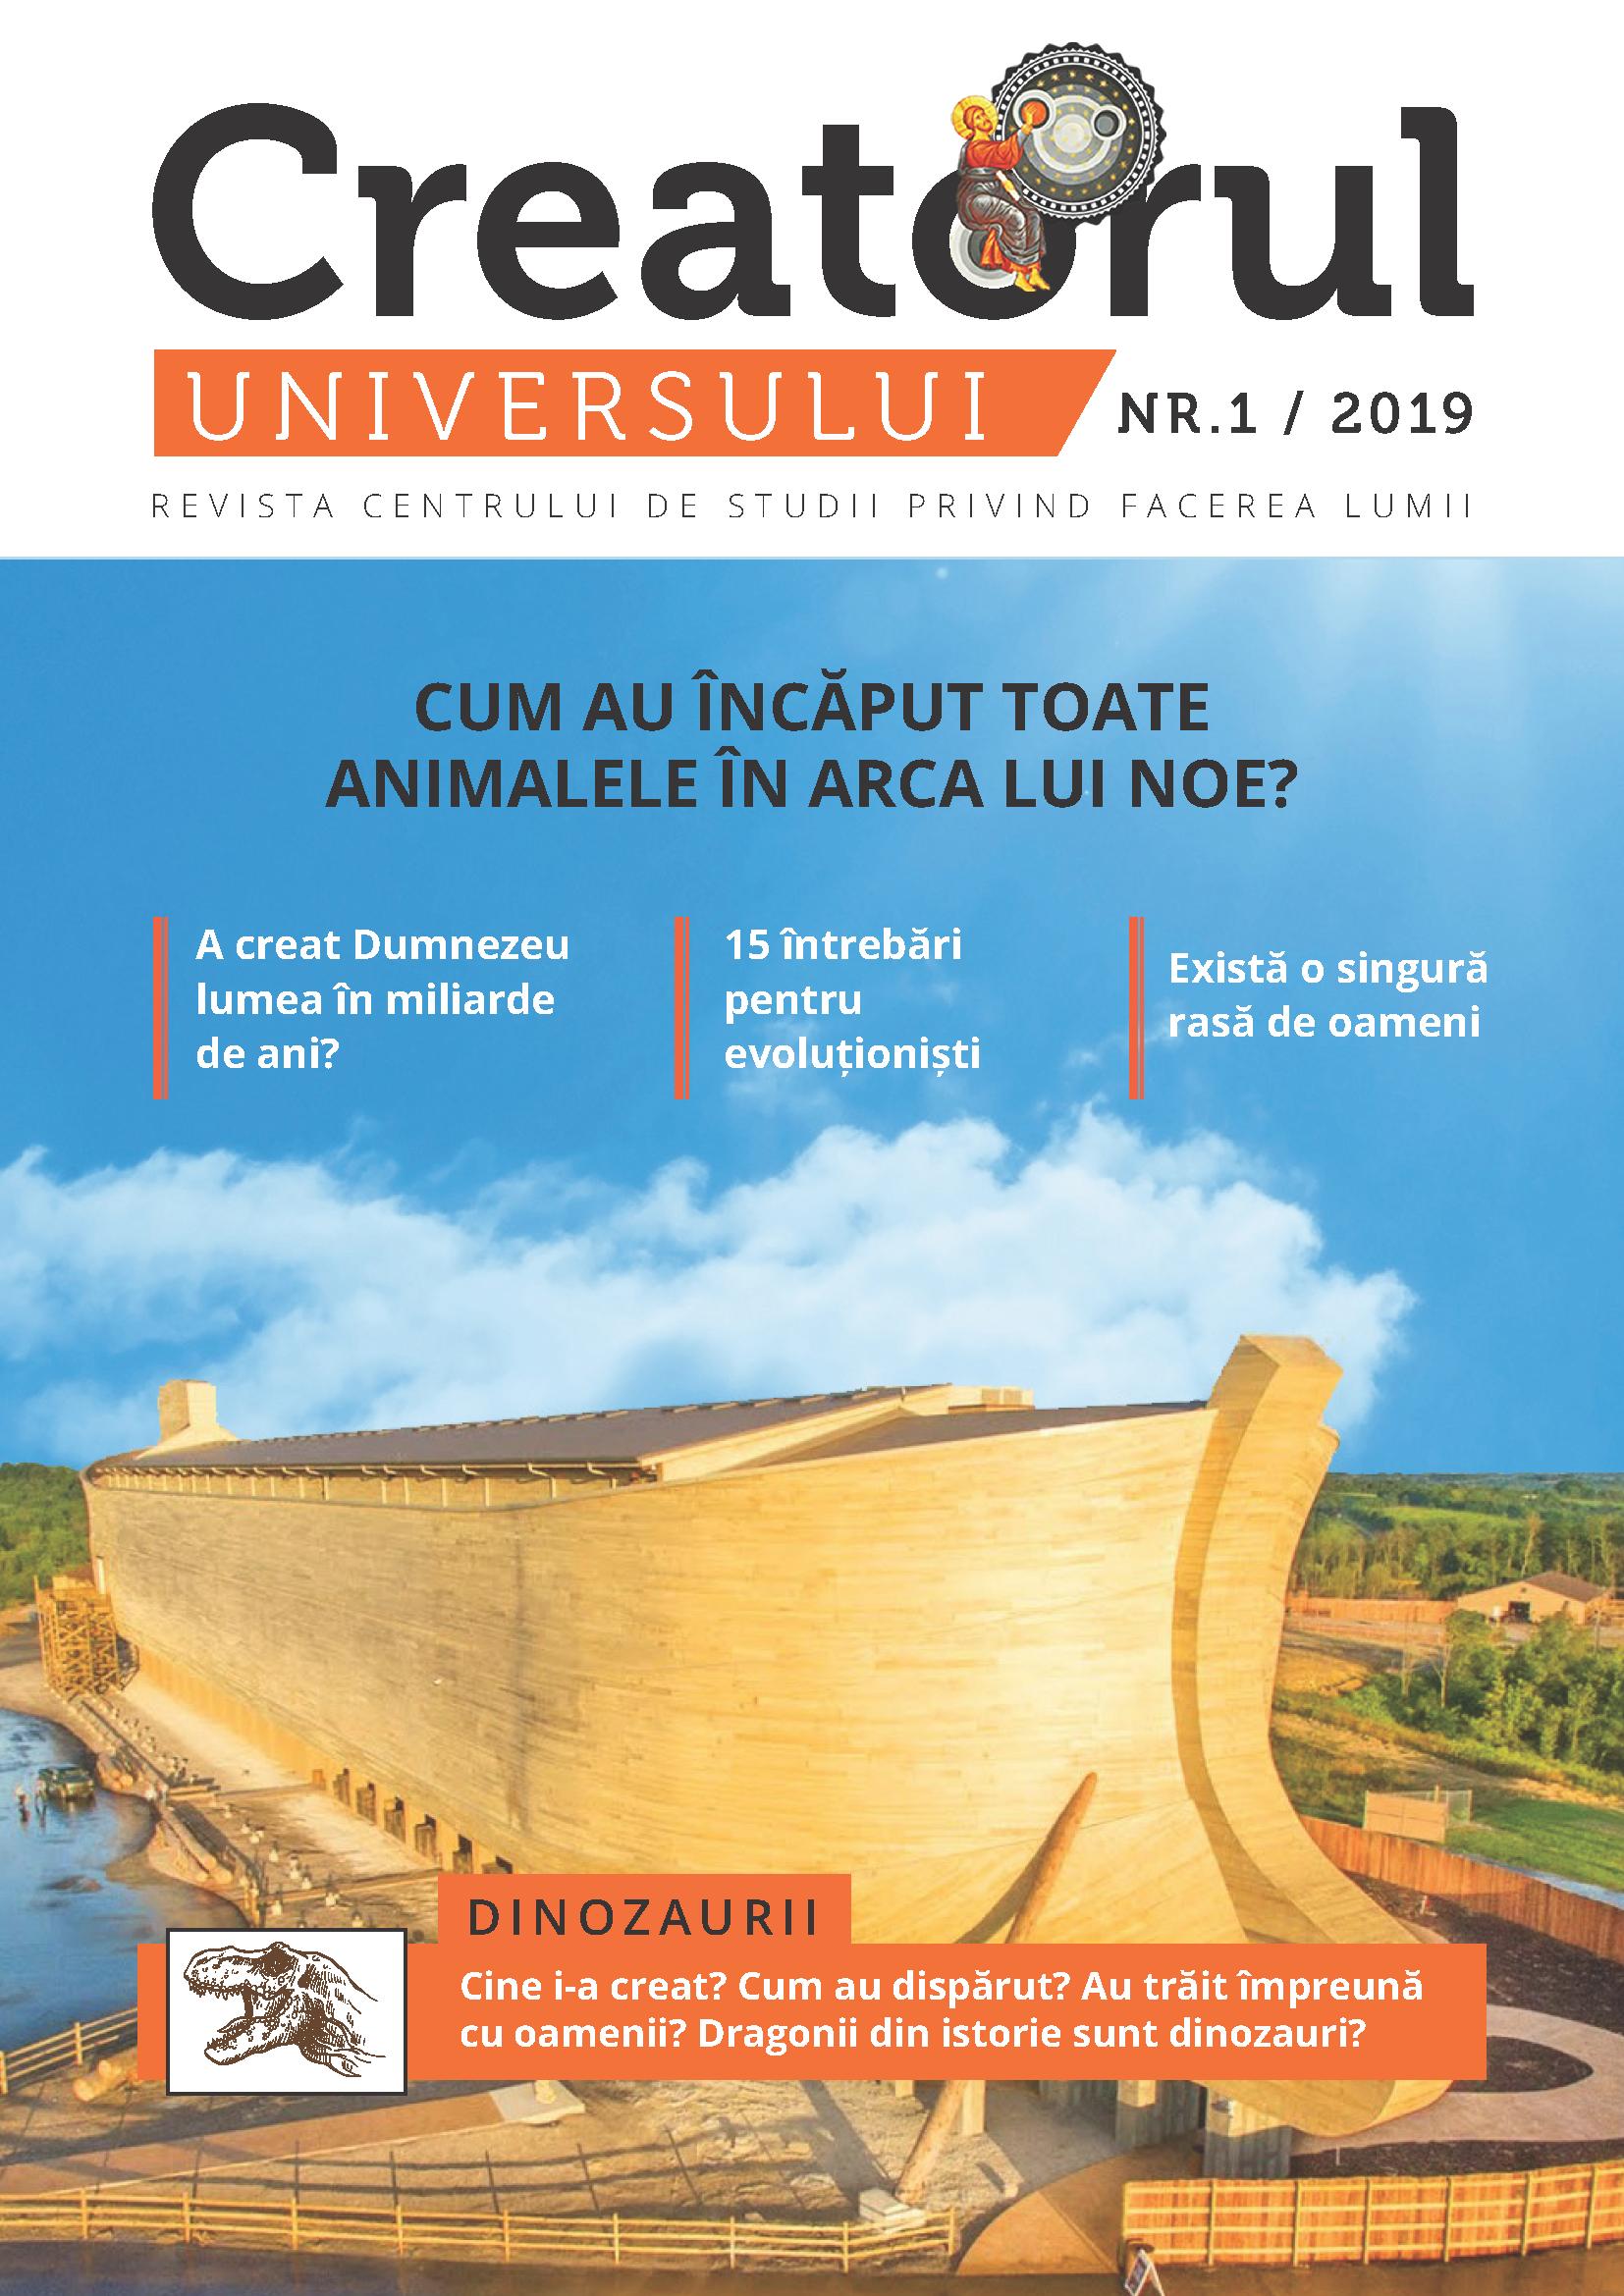 Revista Creatorul Universului nr.1 / 2019